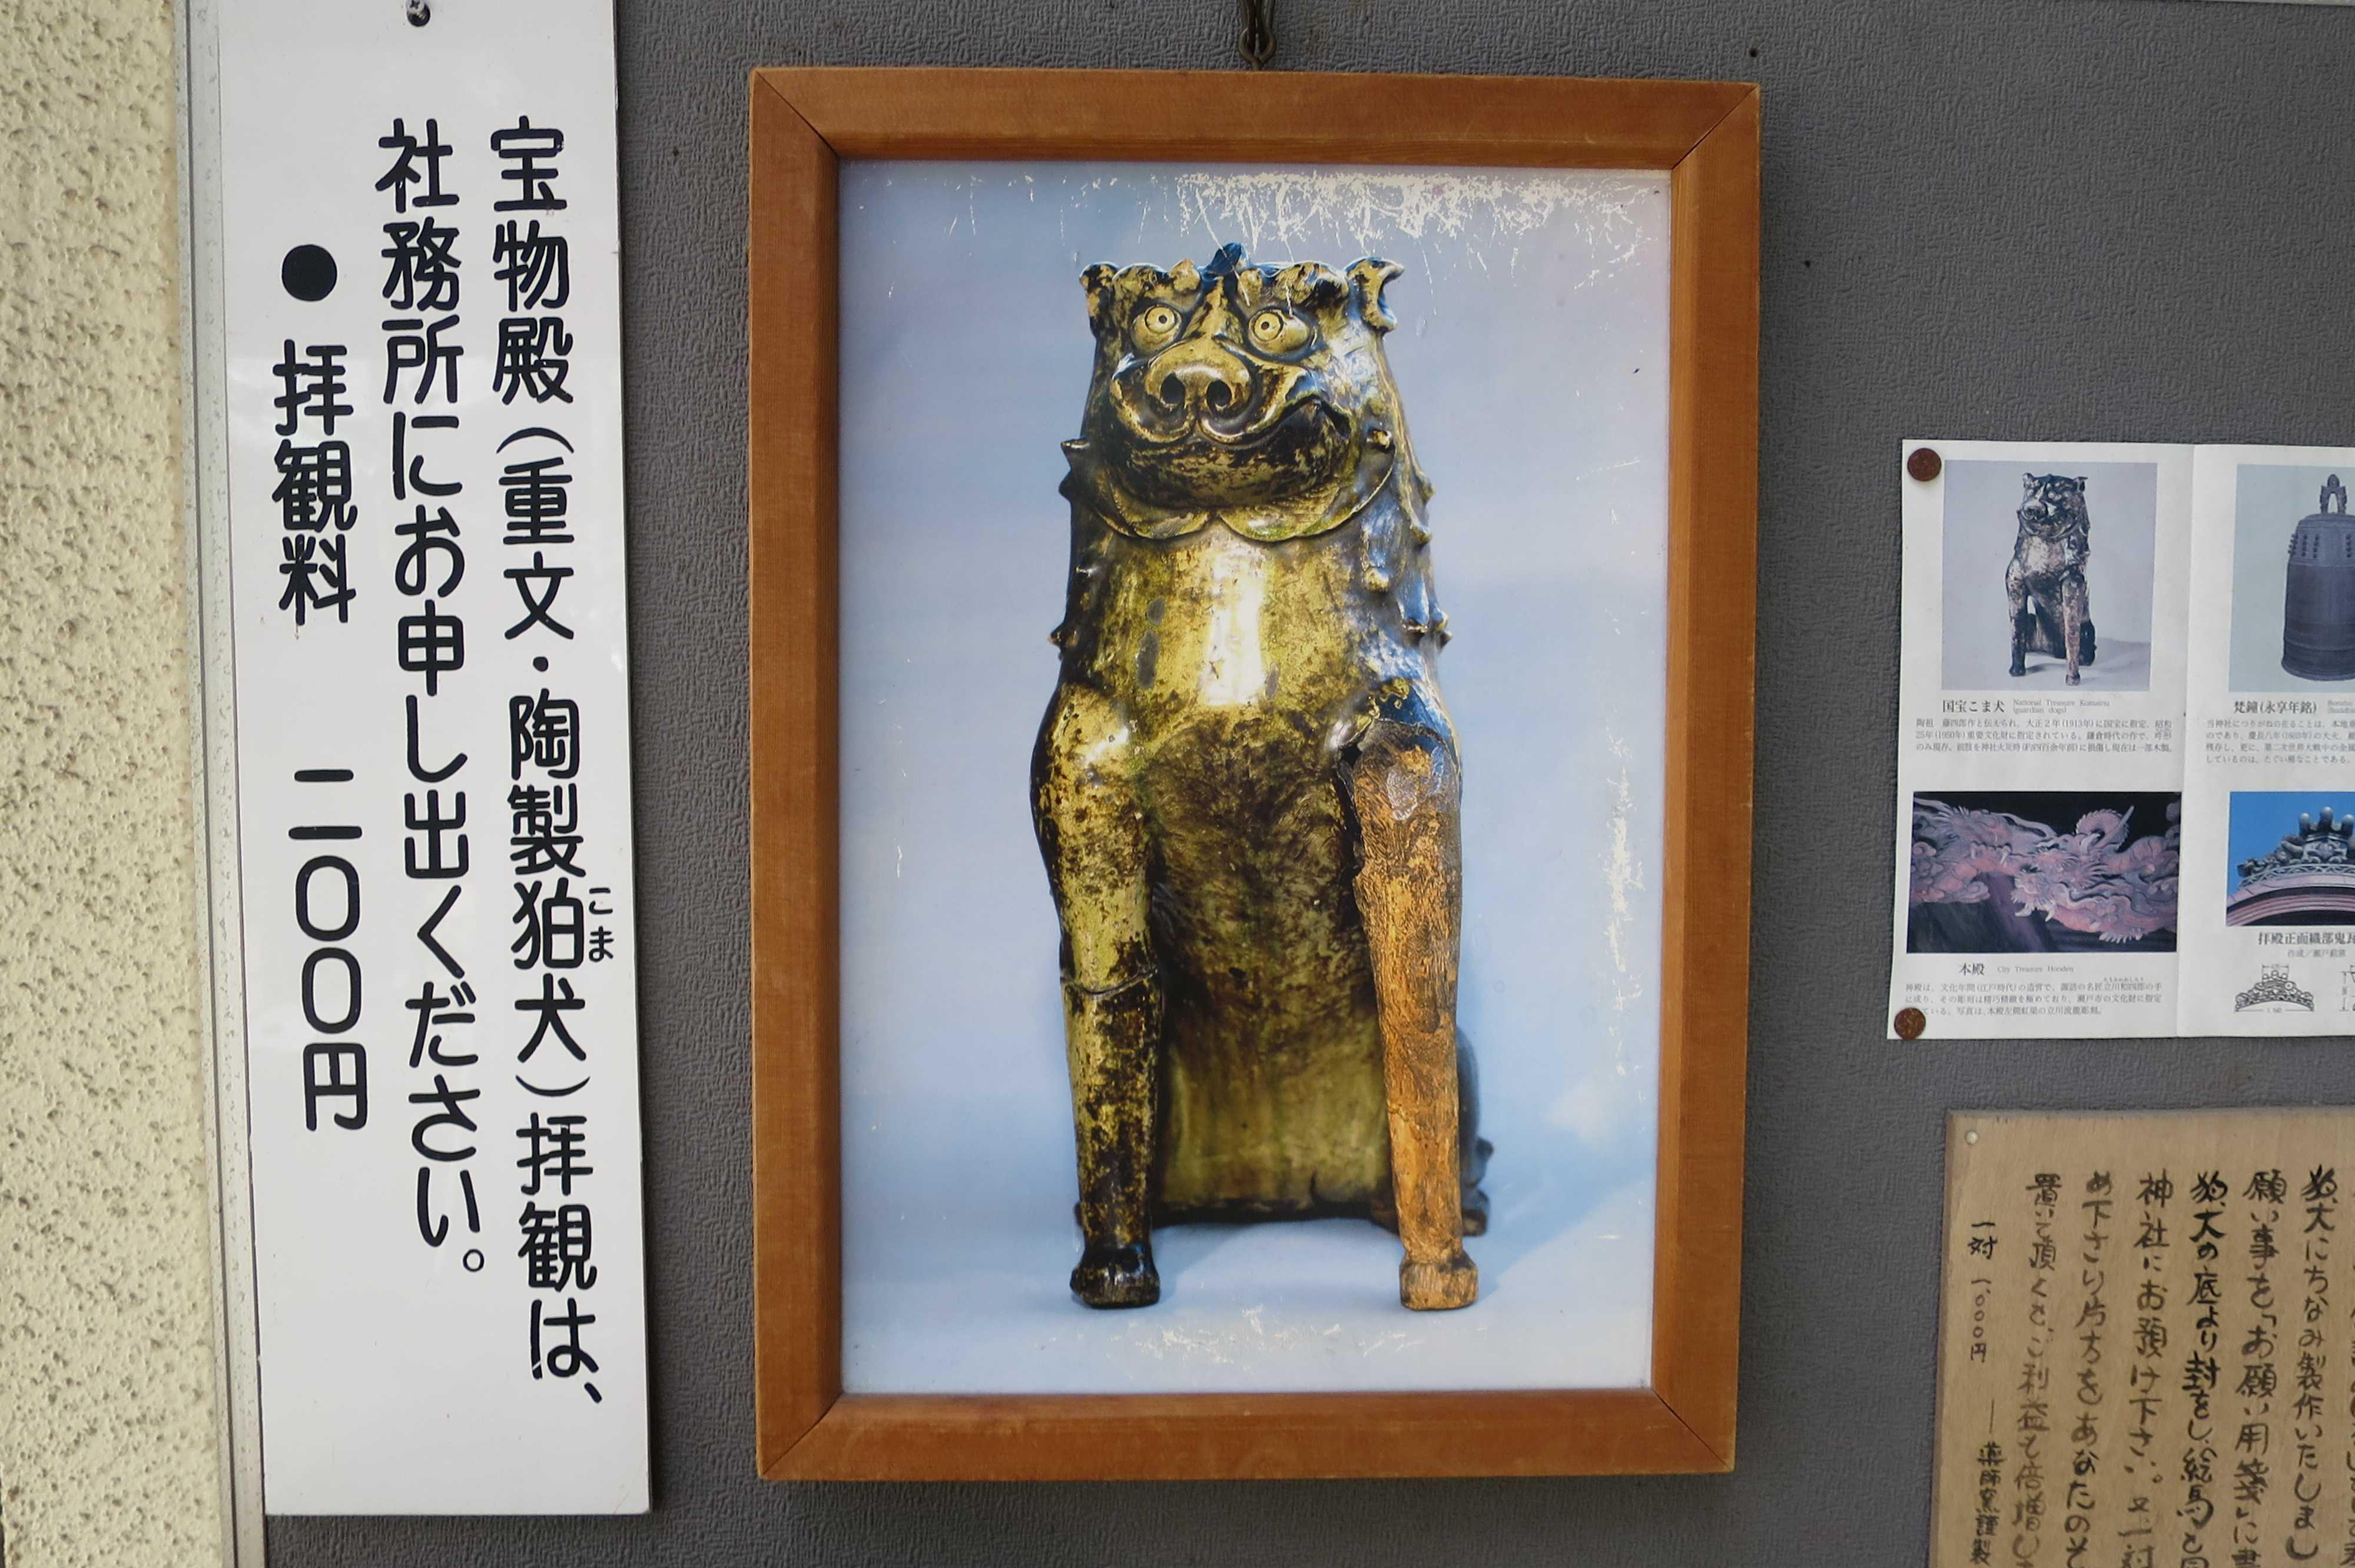 愛知県瀬戸市深川神社 重文・陶製狛犬(こまいぬ)